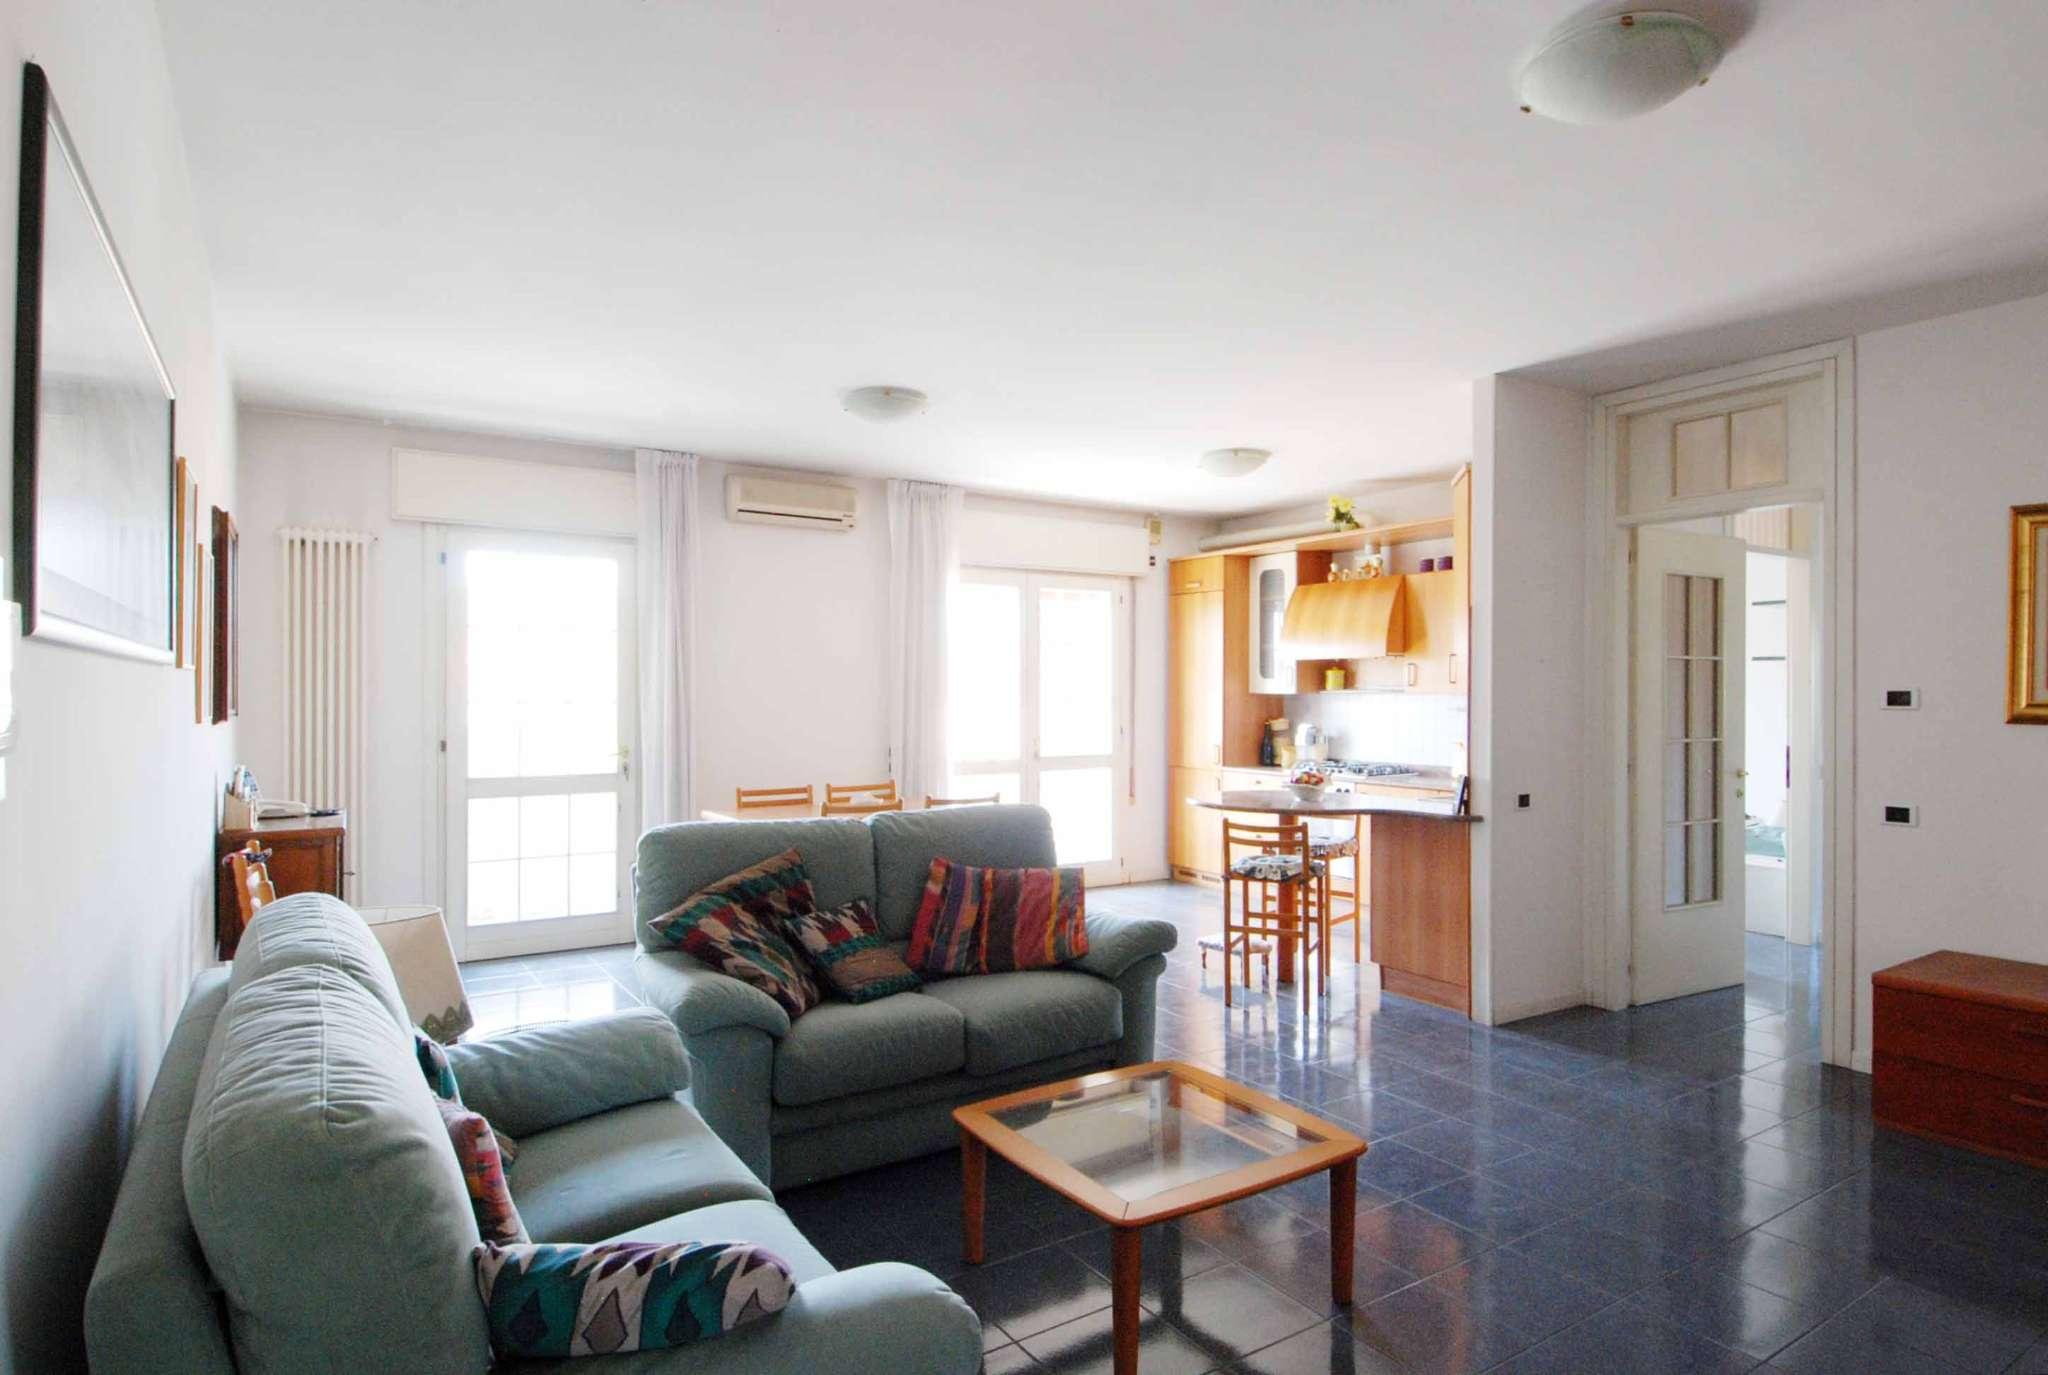 Appartamento in vendita a Bolzano Vicentino, 4 locali, prezzo € 120.000   PortaleAgenzieImmobiliari.it